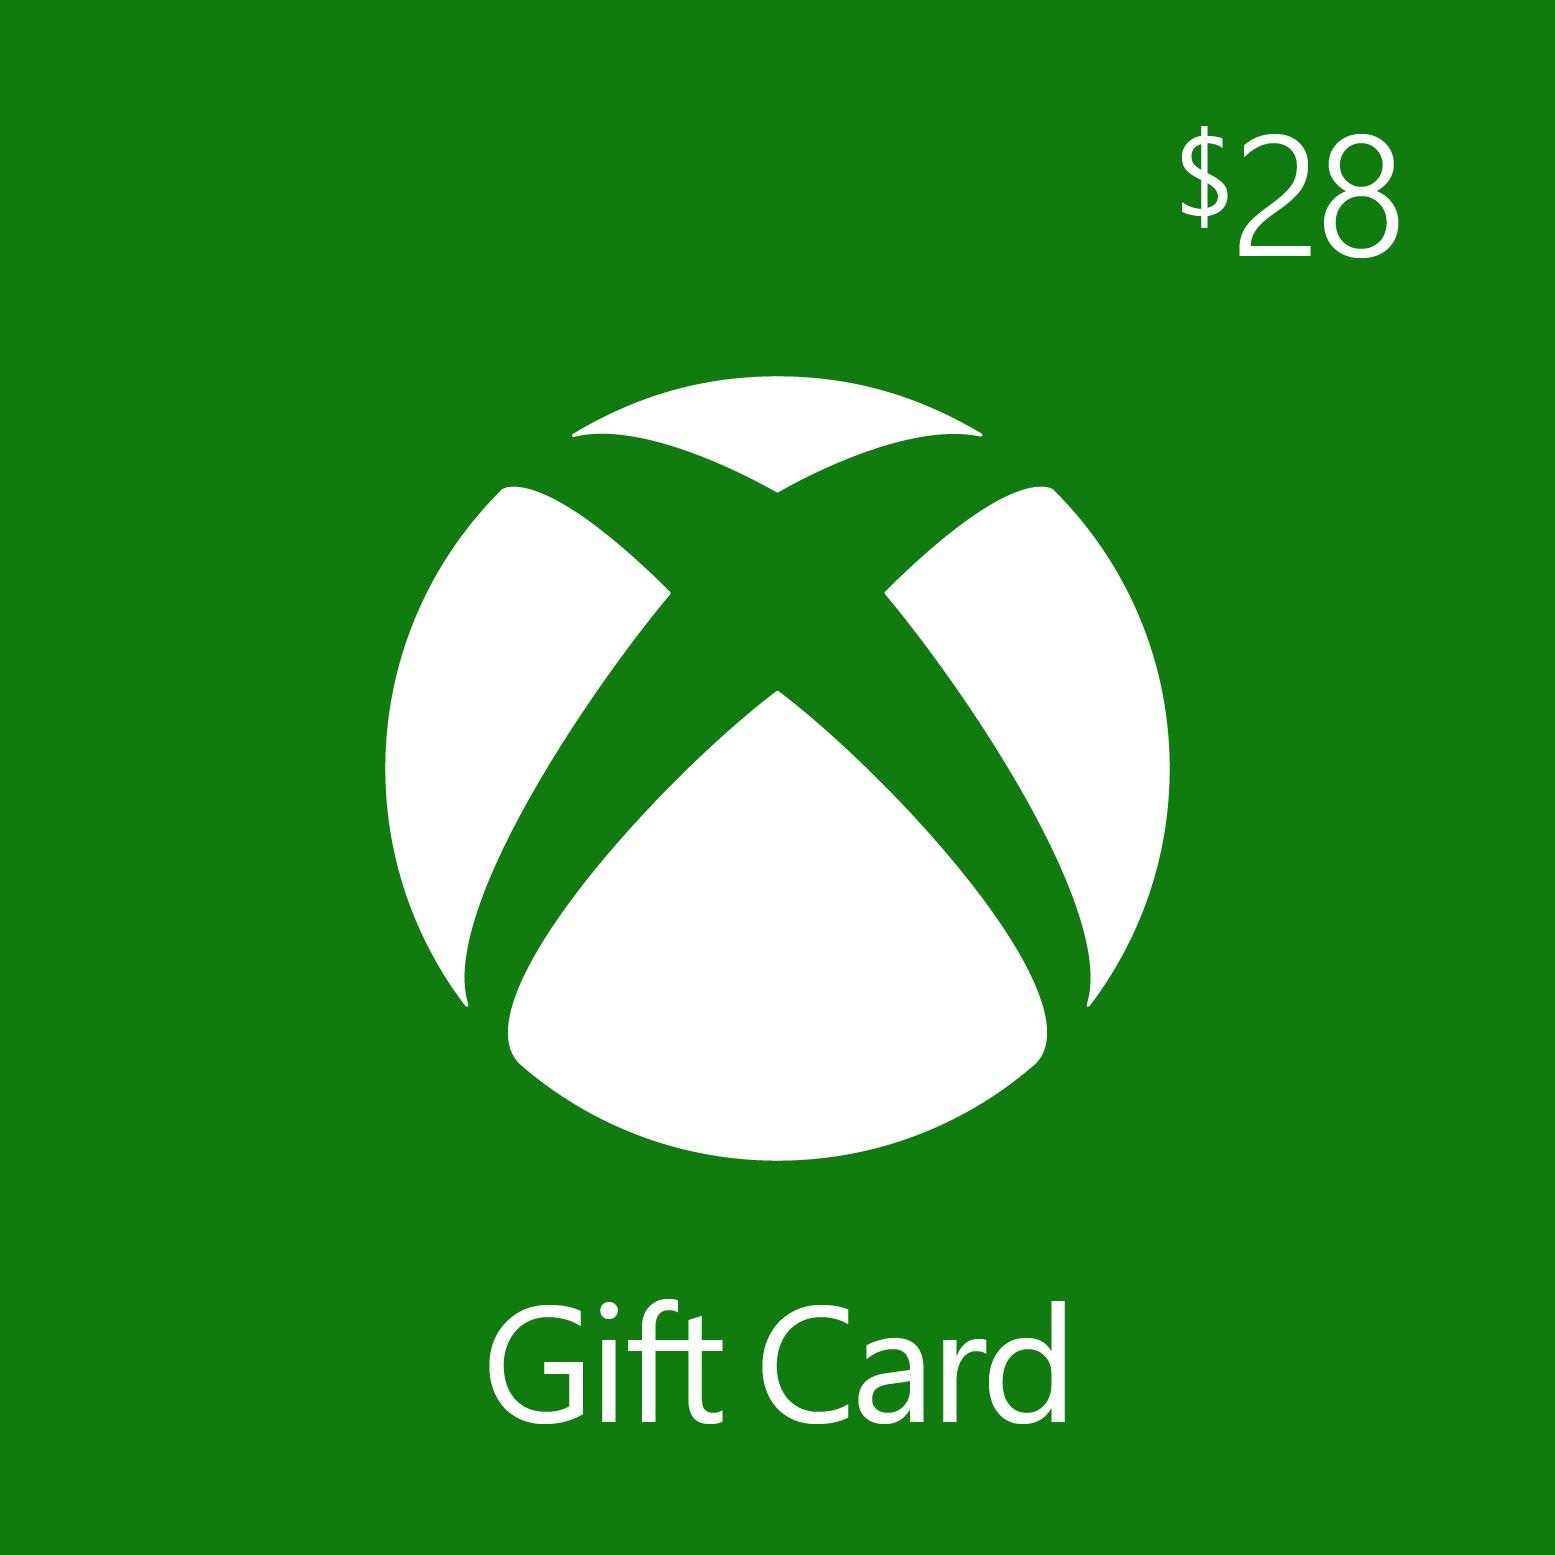 $28.00 Xbox Digital Gift Card